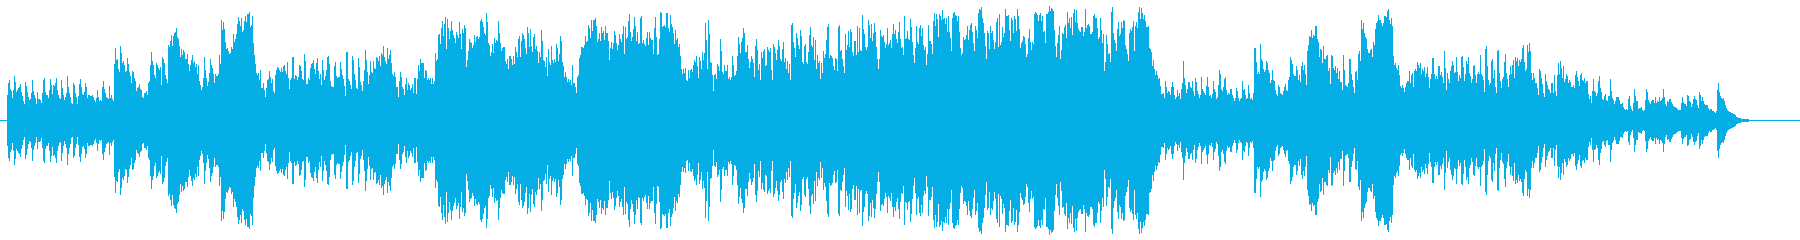 ハープとマリンバの明るく爽やかなBGMの再生済みの波形